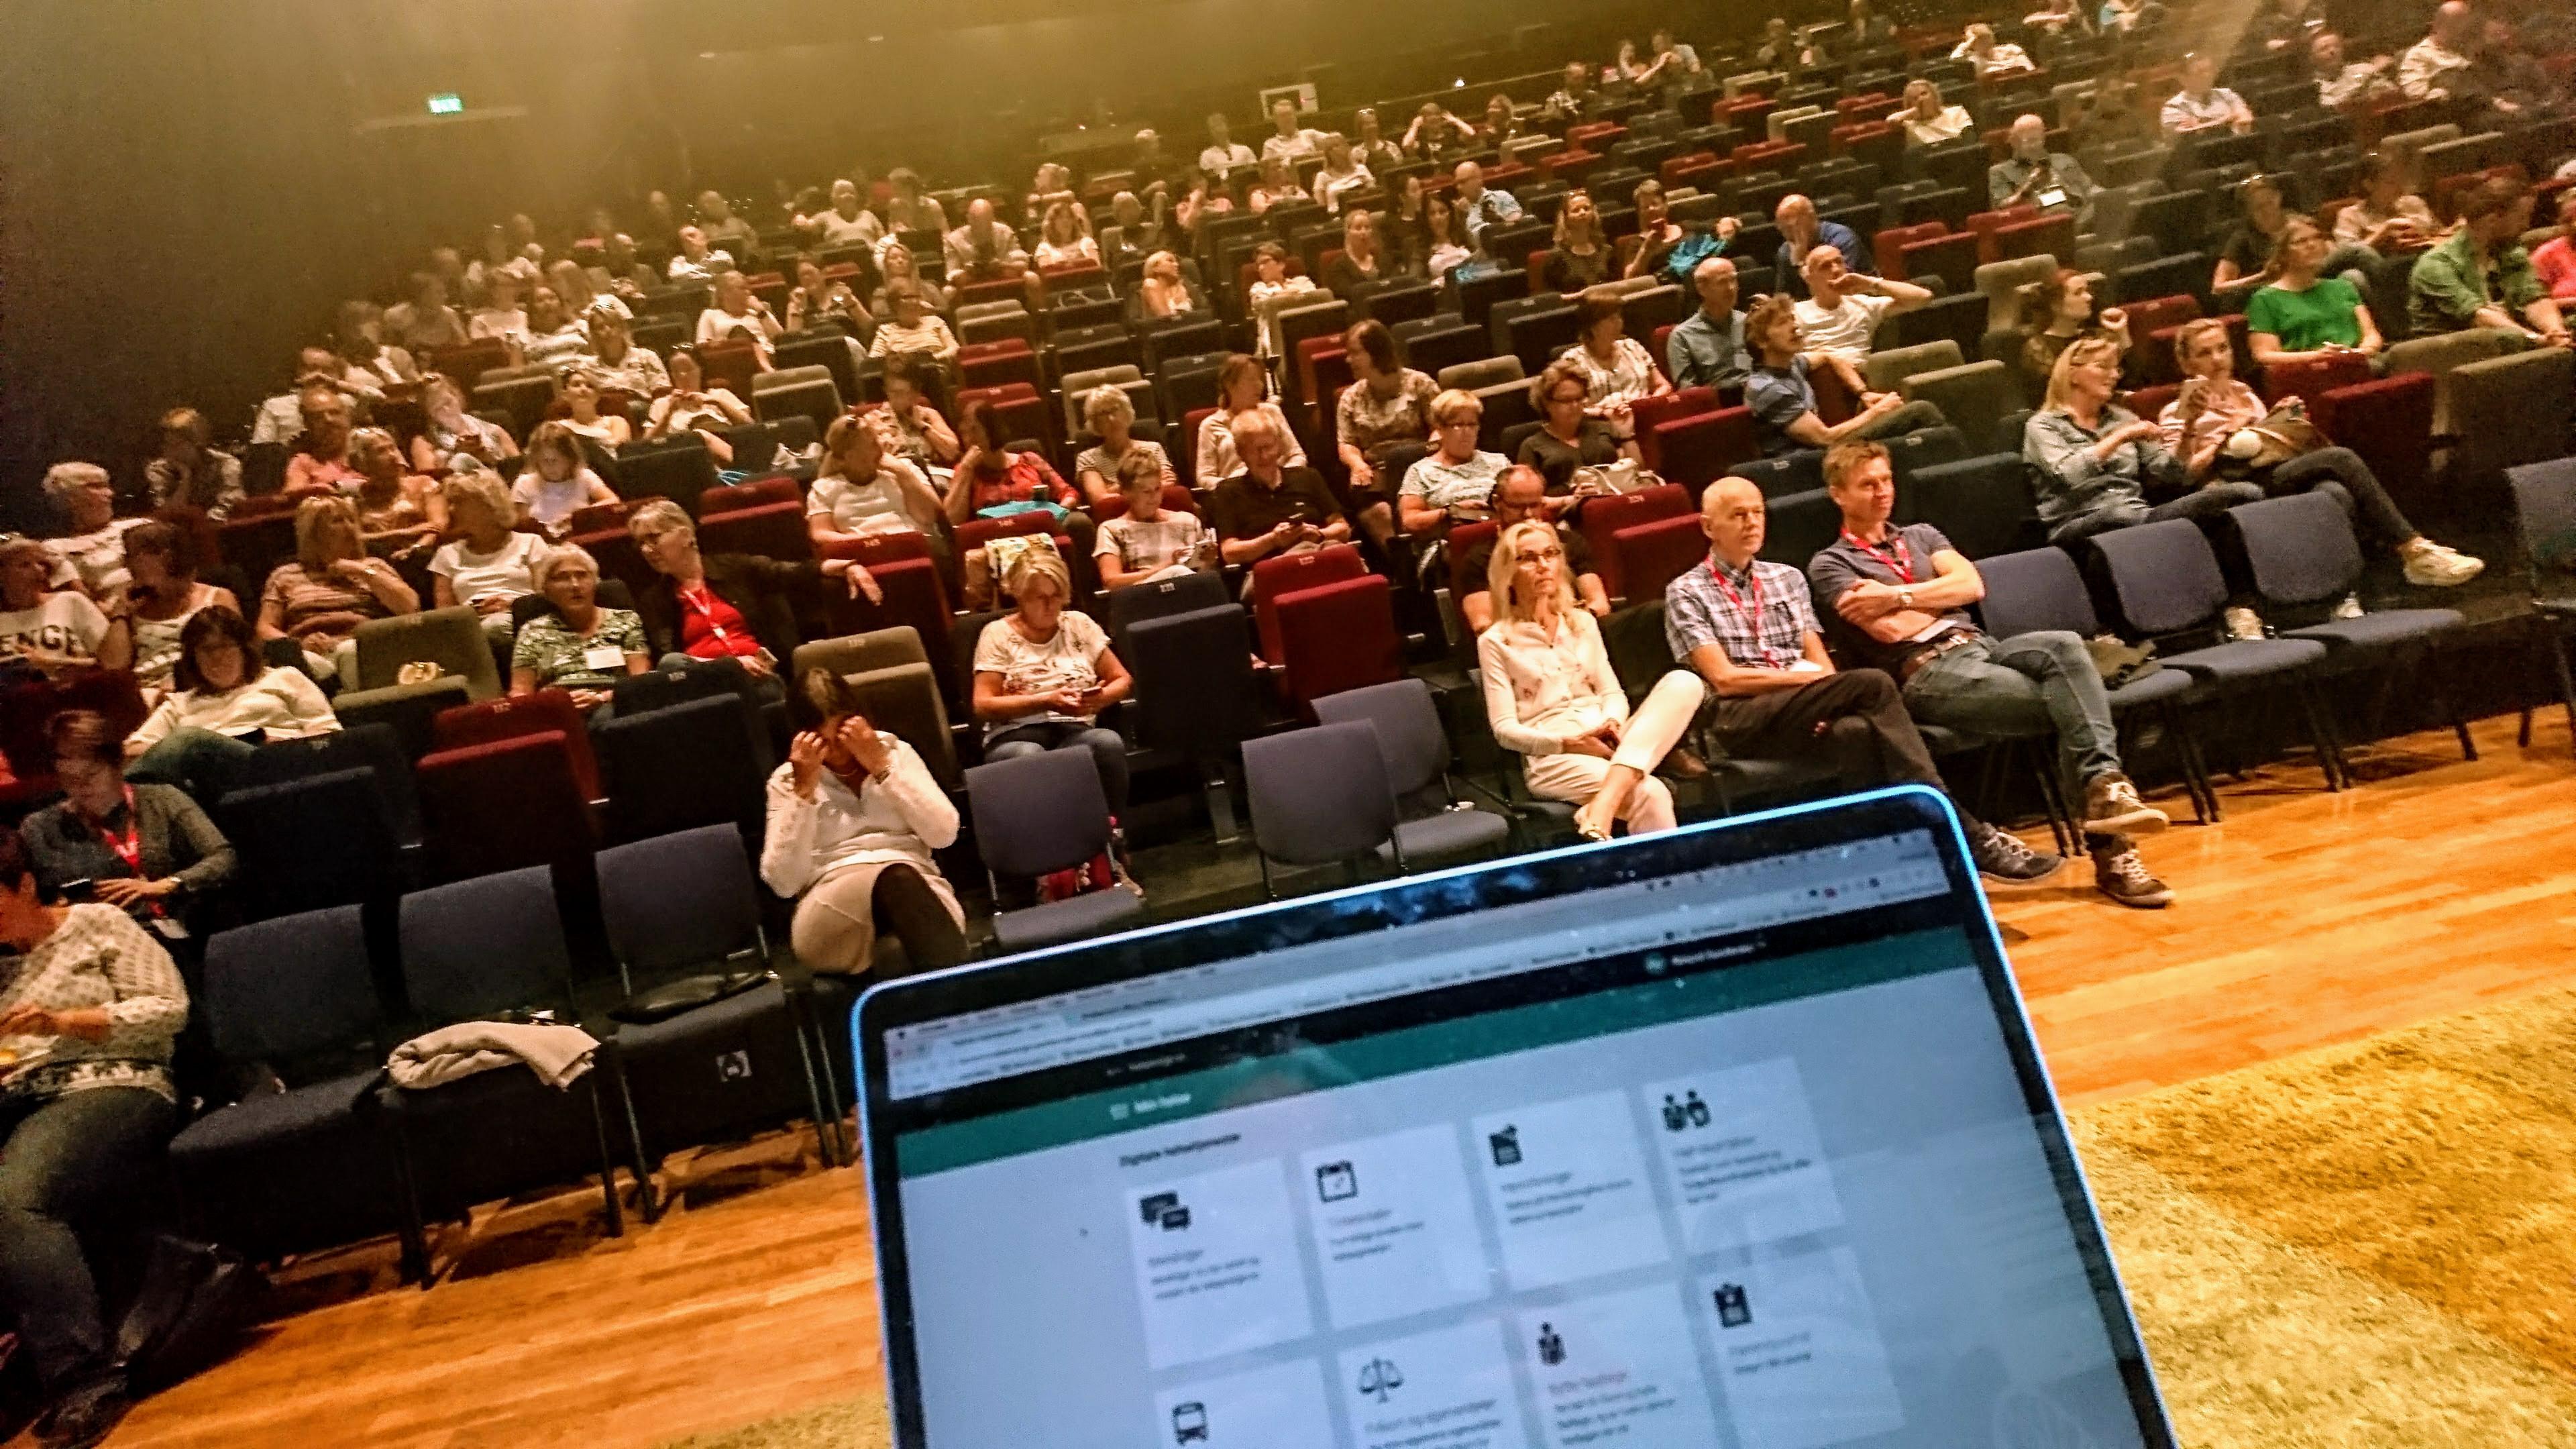 Bilde tatt av foreleser utover salen.